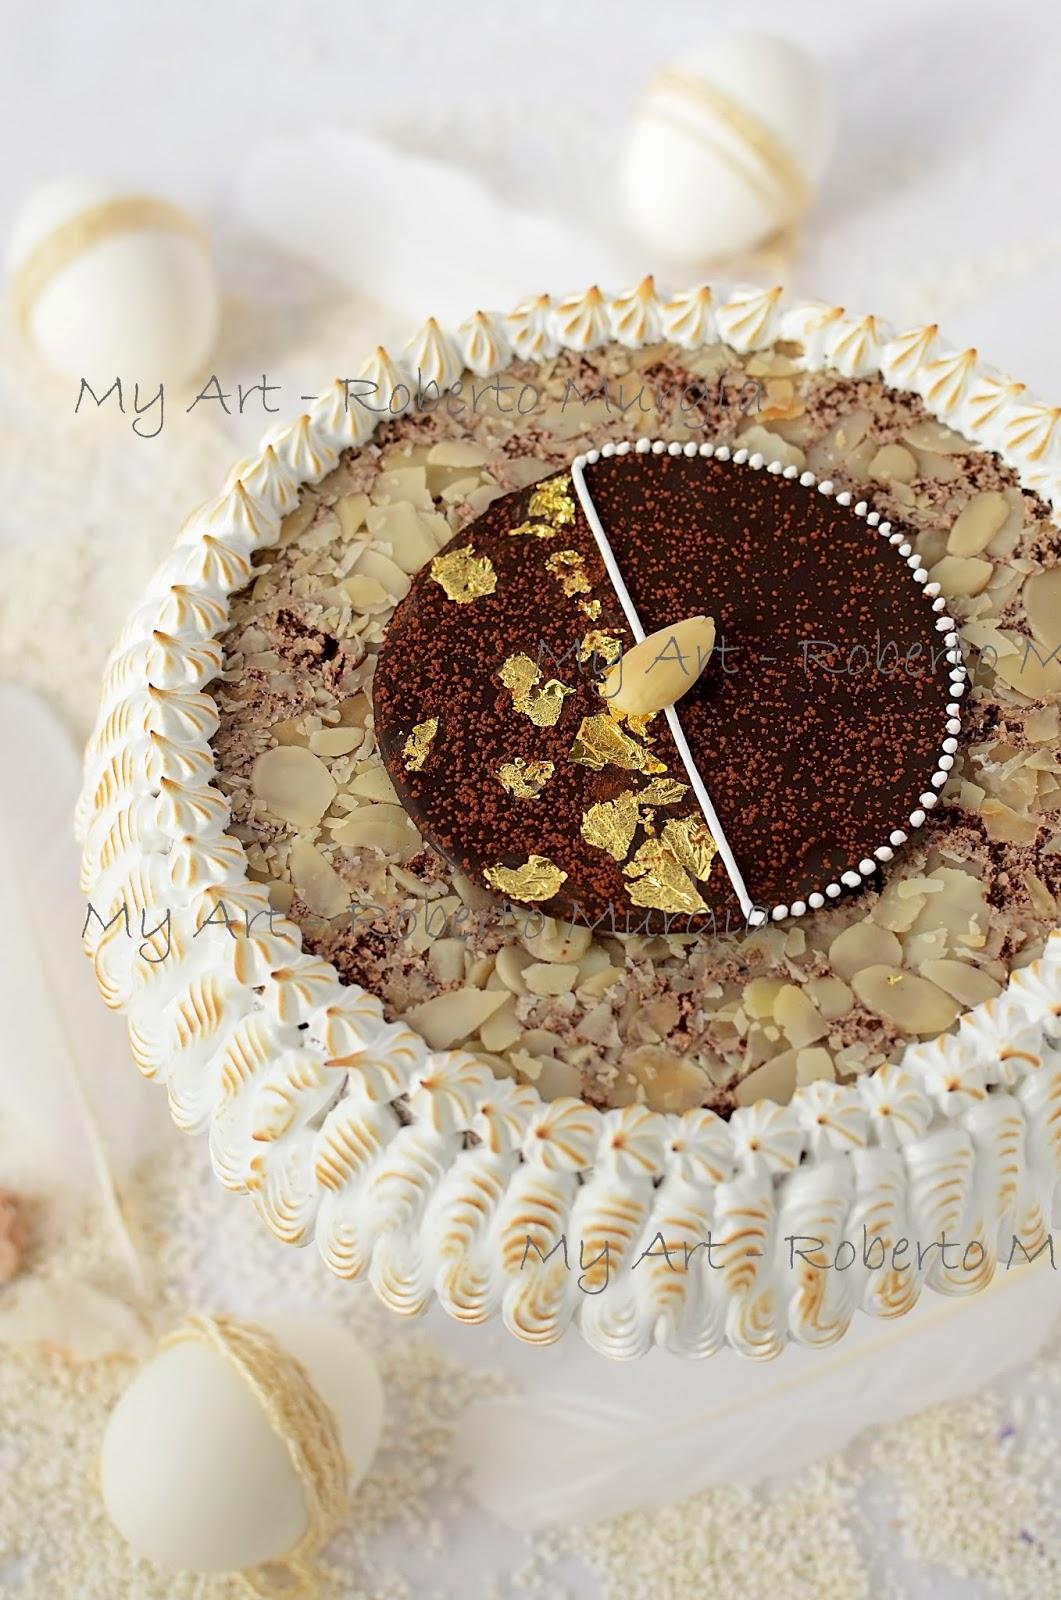 My Art Roberto Murgia Torta Di Mandorle E Cioccolato